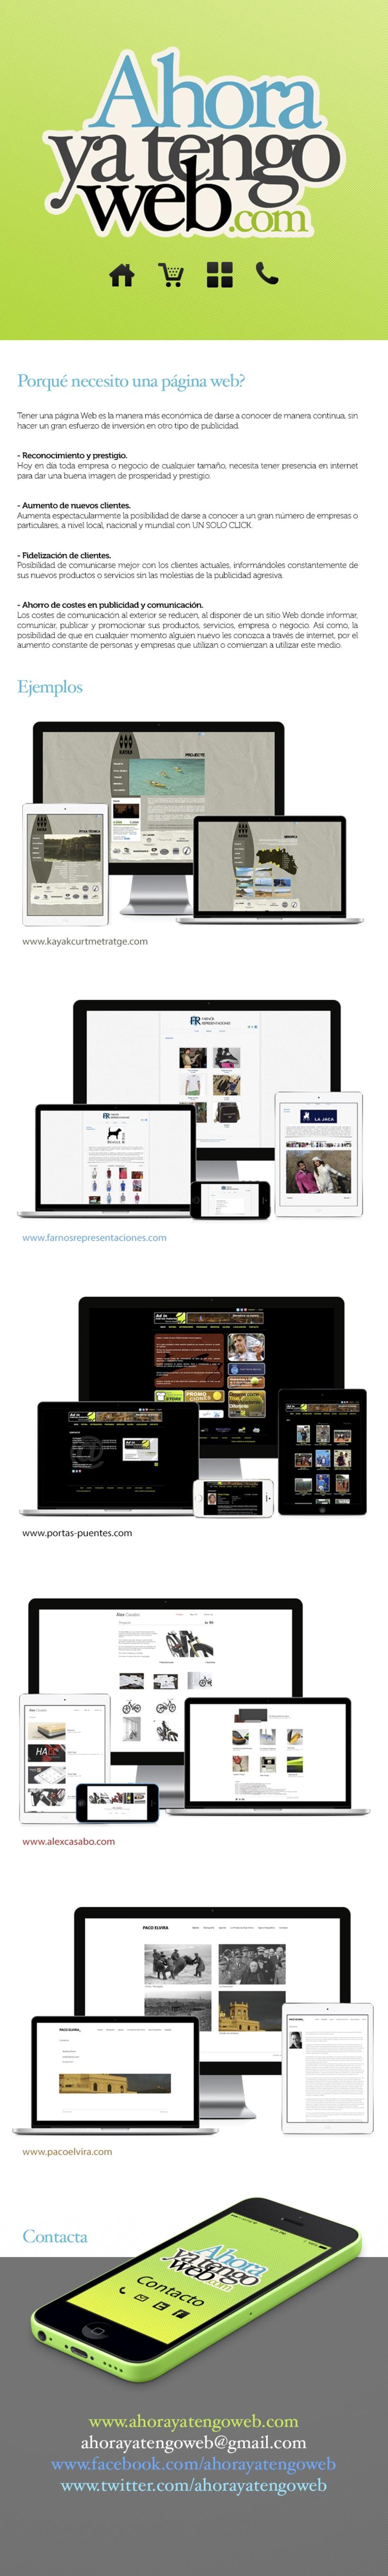 AYTW- Diseño web 0